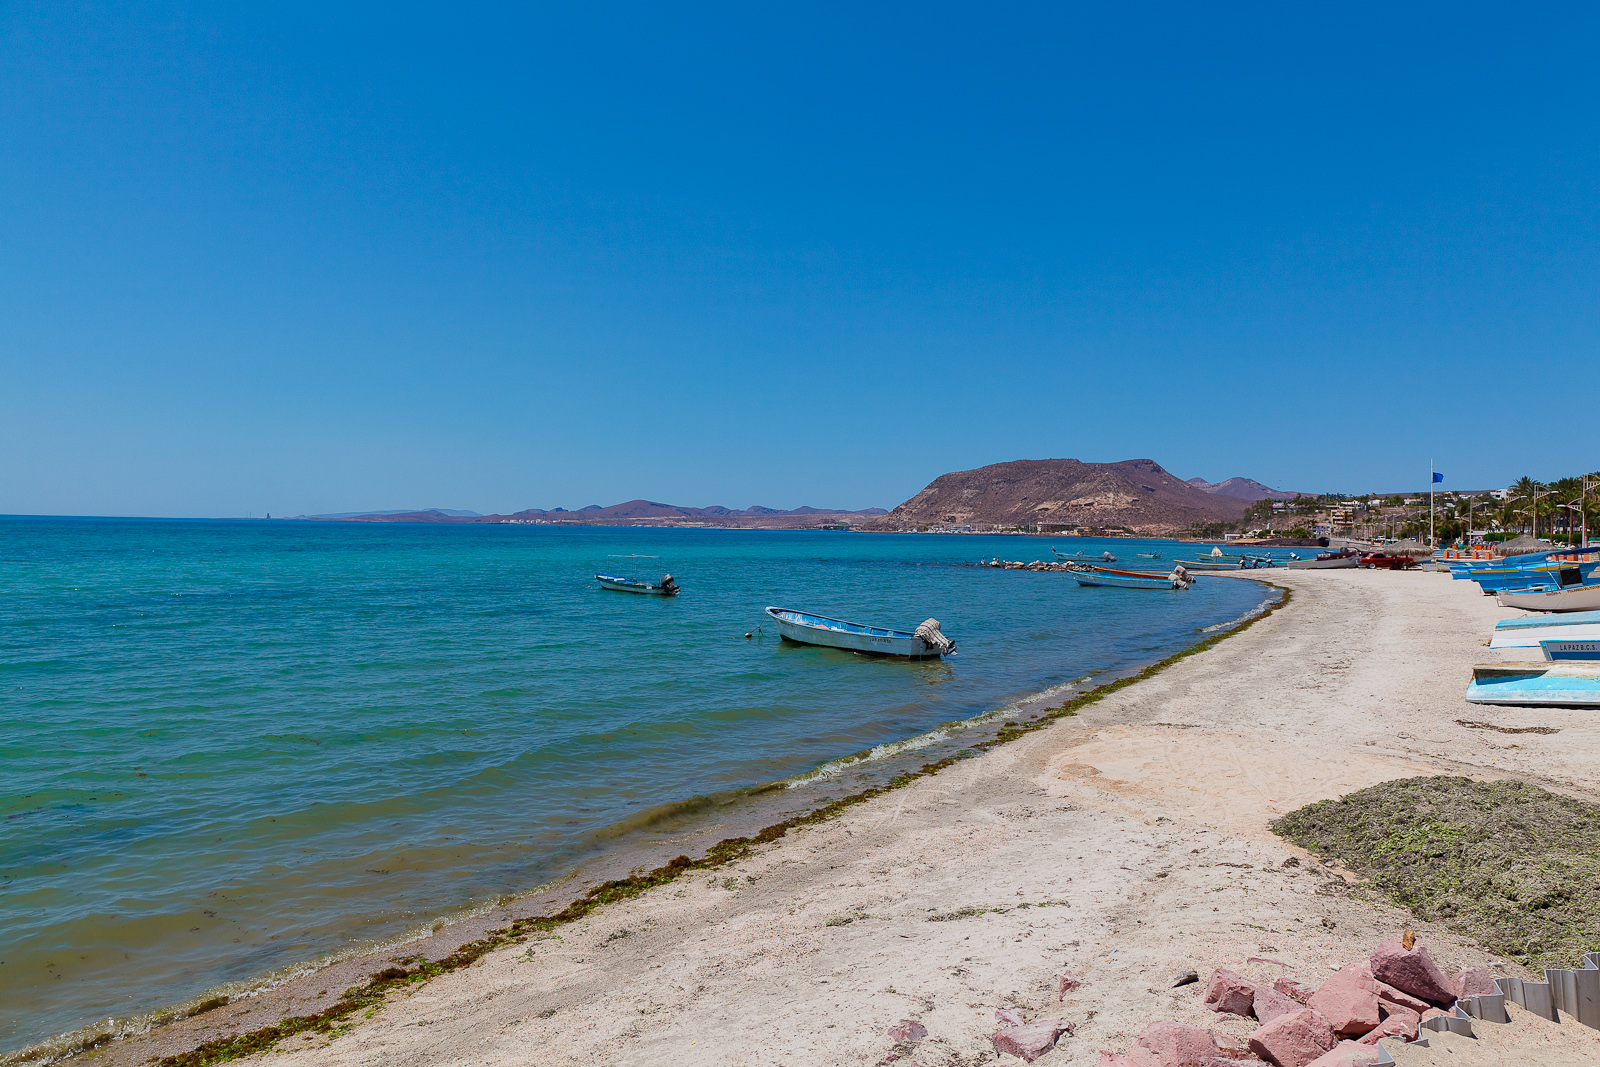 Seaside in La Paz